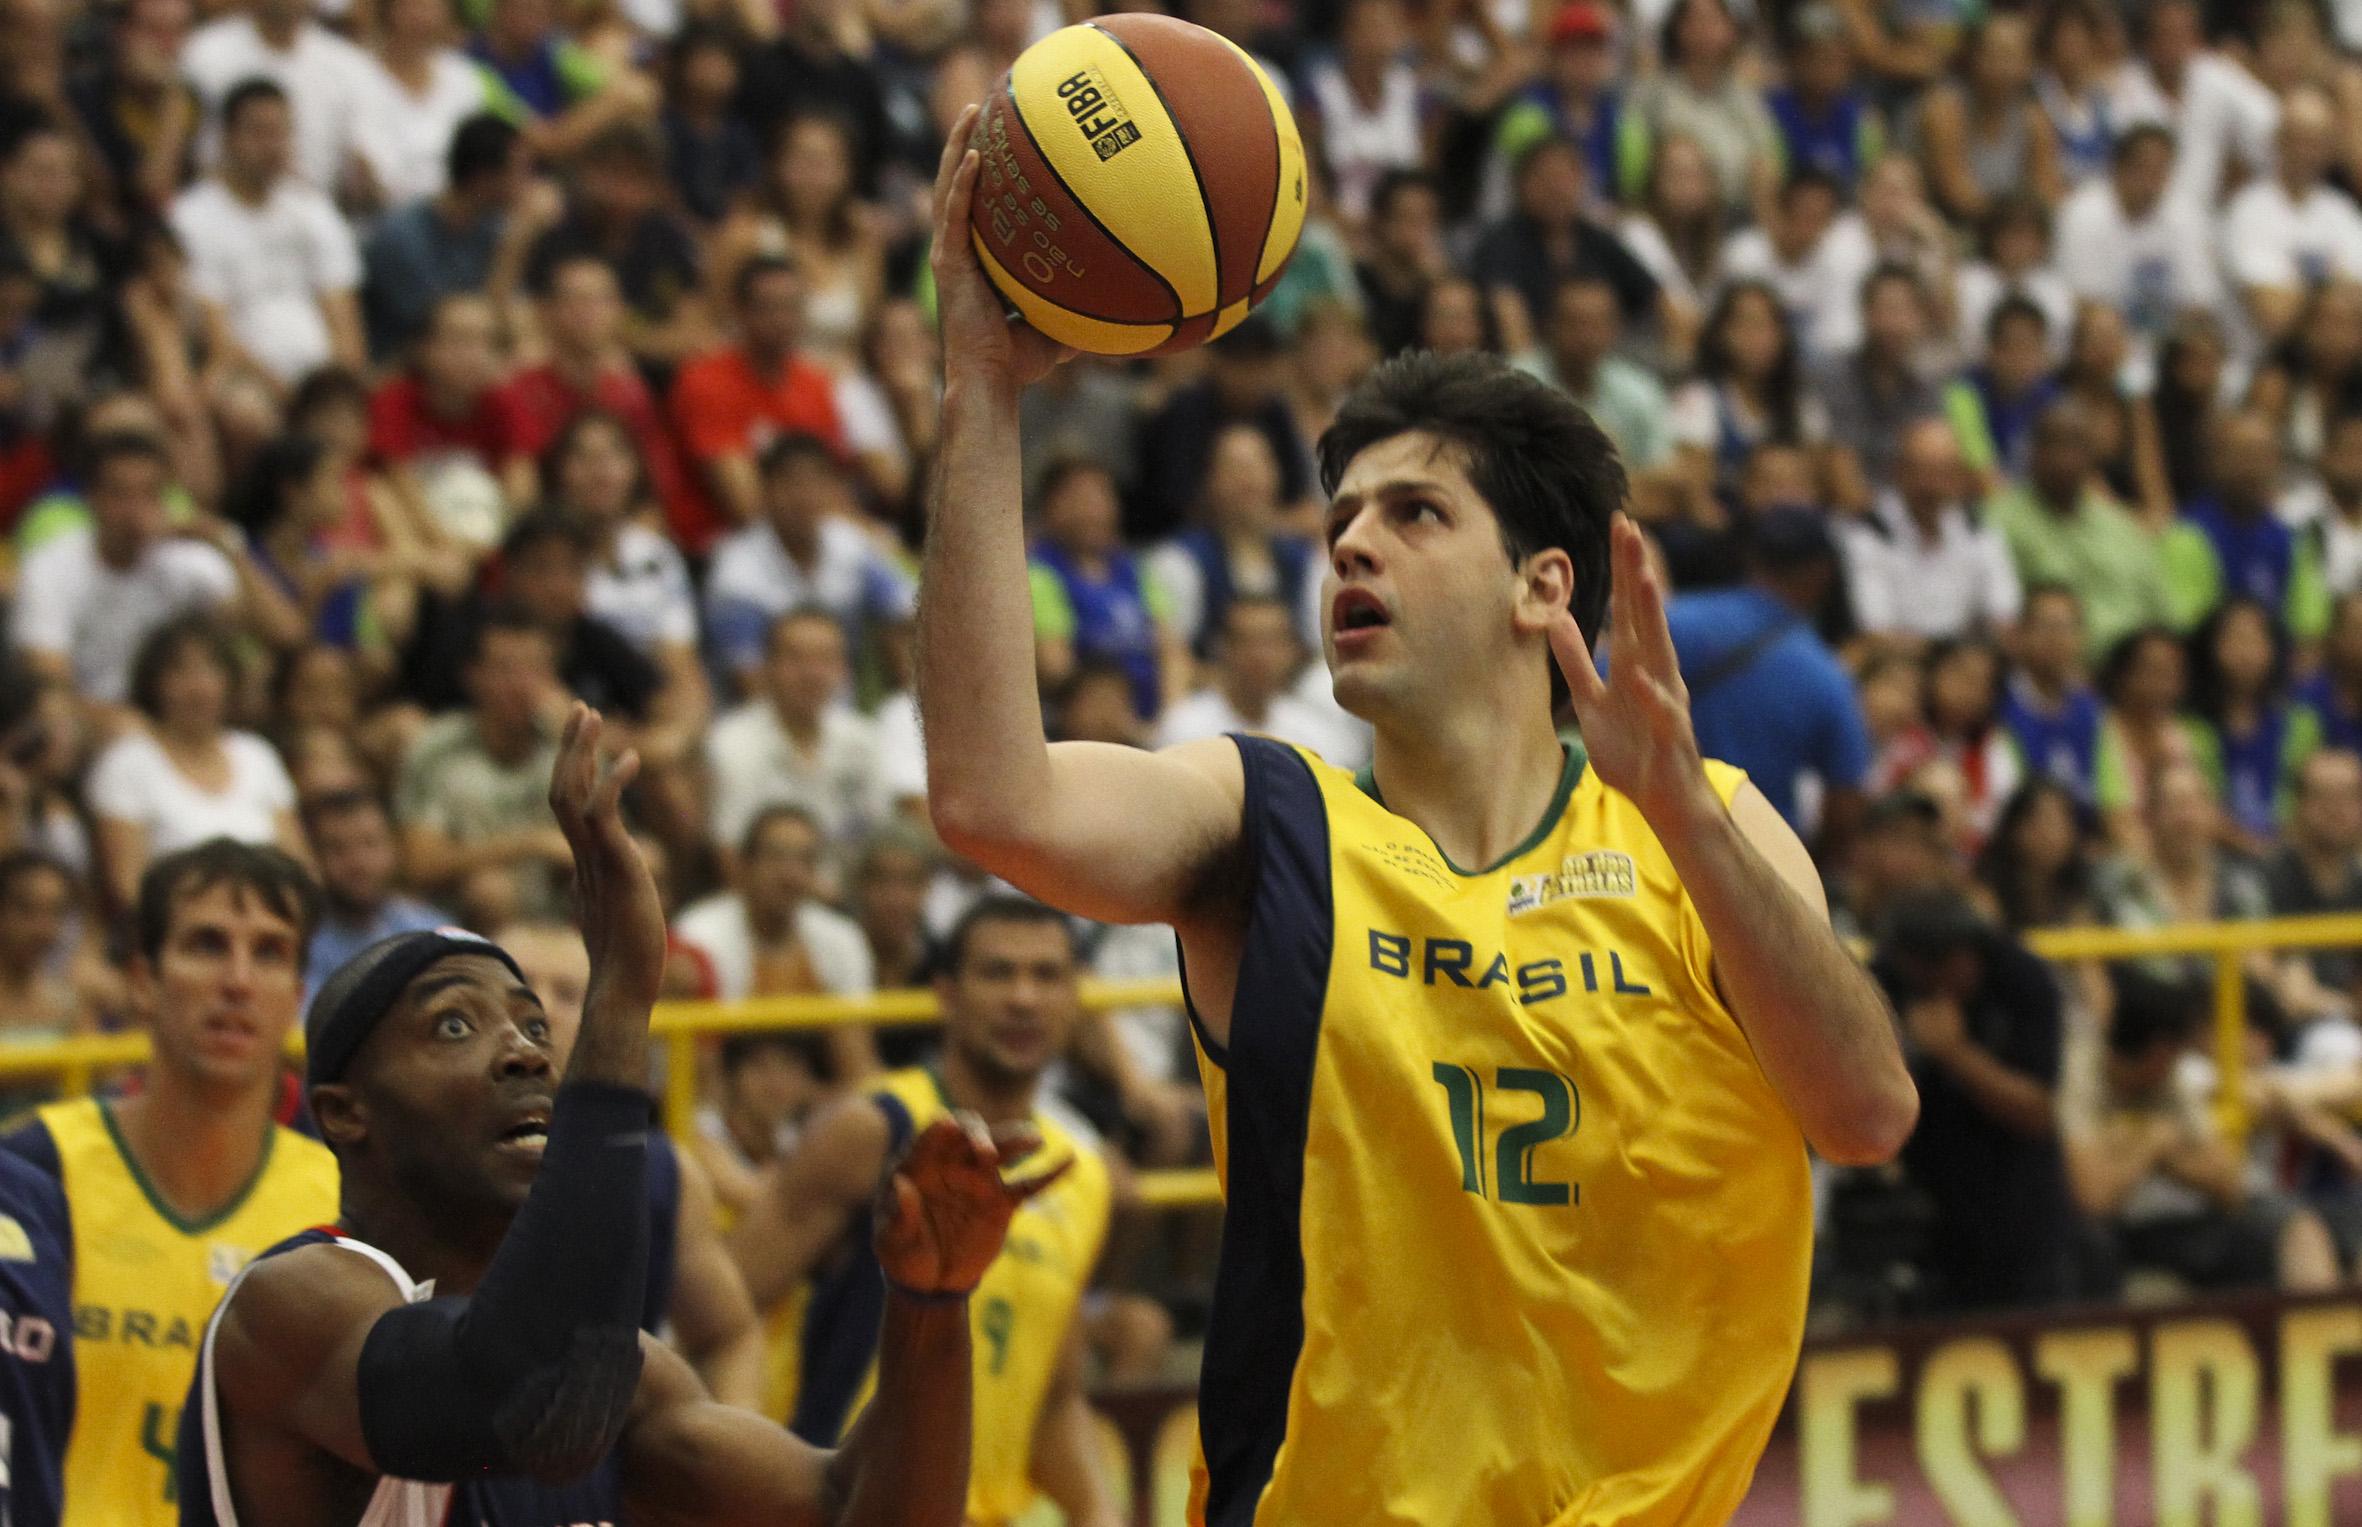 Esta será a terceira vez que o Ginásio Pedrocão sediará o Jogo das Estrelas (Luiz Pires/LNB)